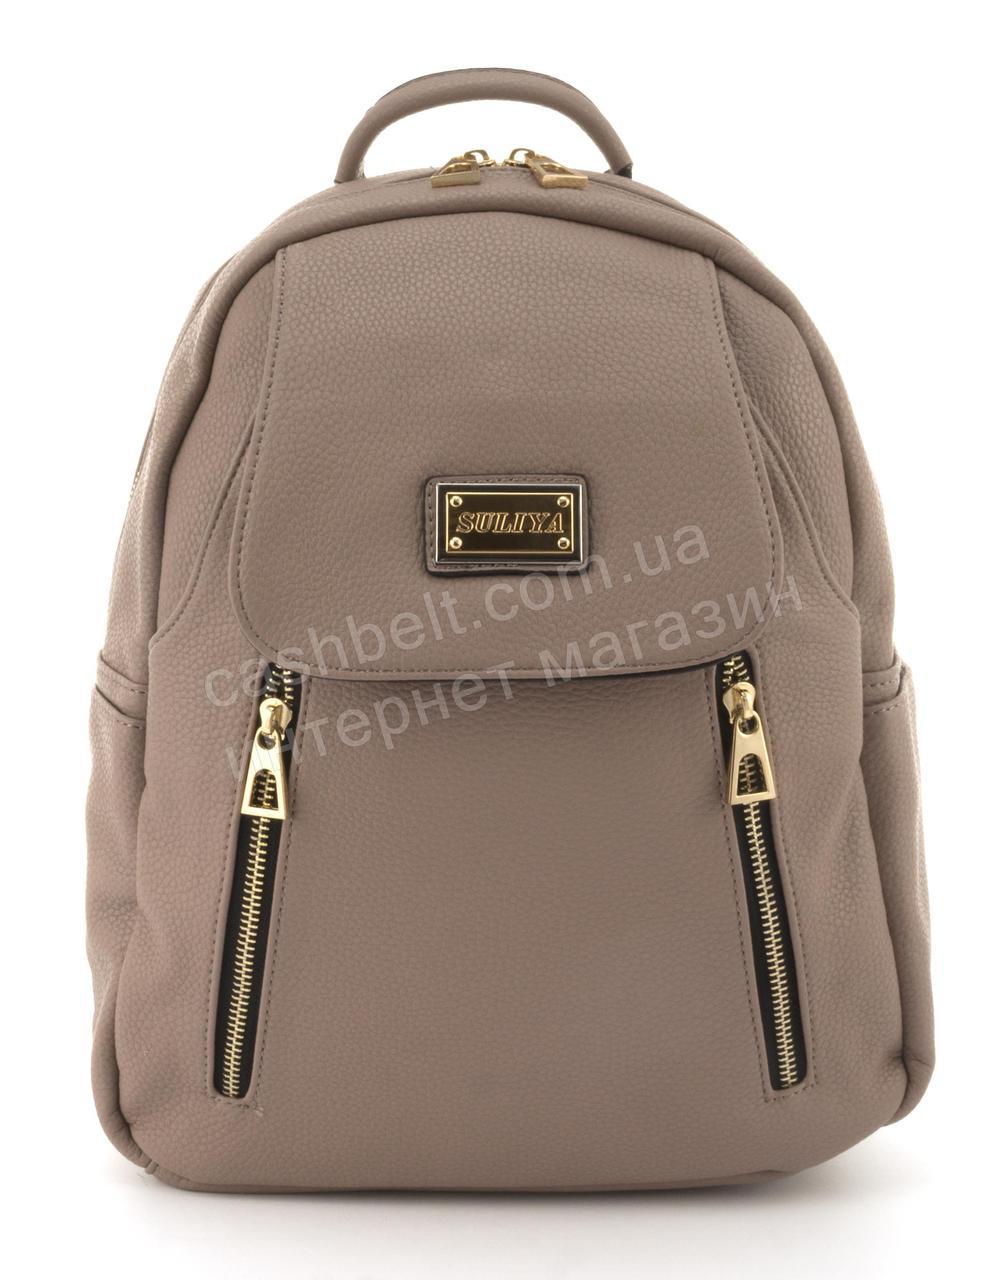 Прочный и надежный рюкзачок среднего размера из эко кожи Suliya art. 9528 розовая пудра